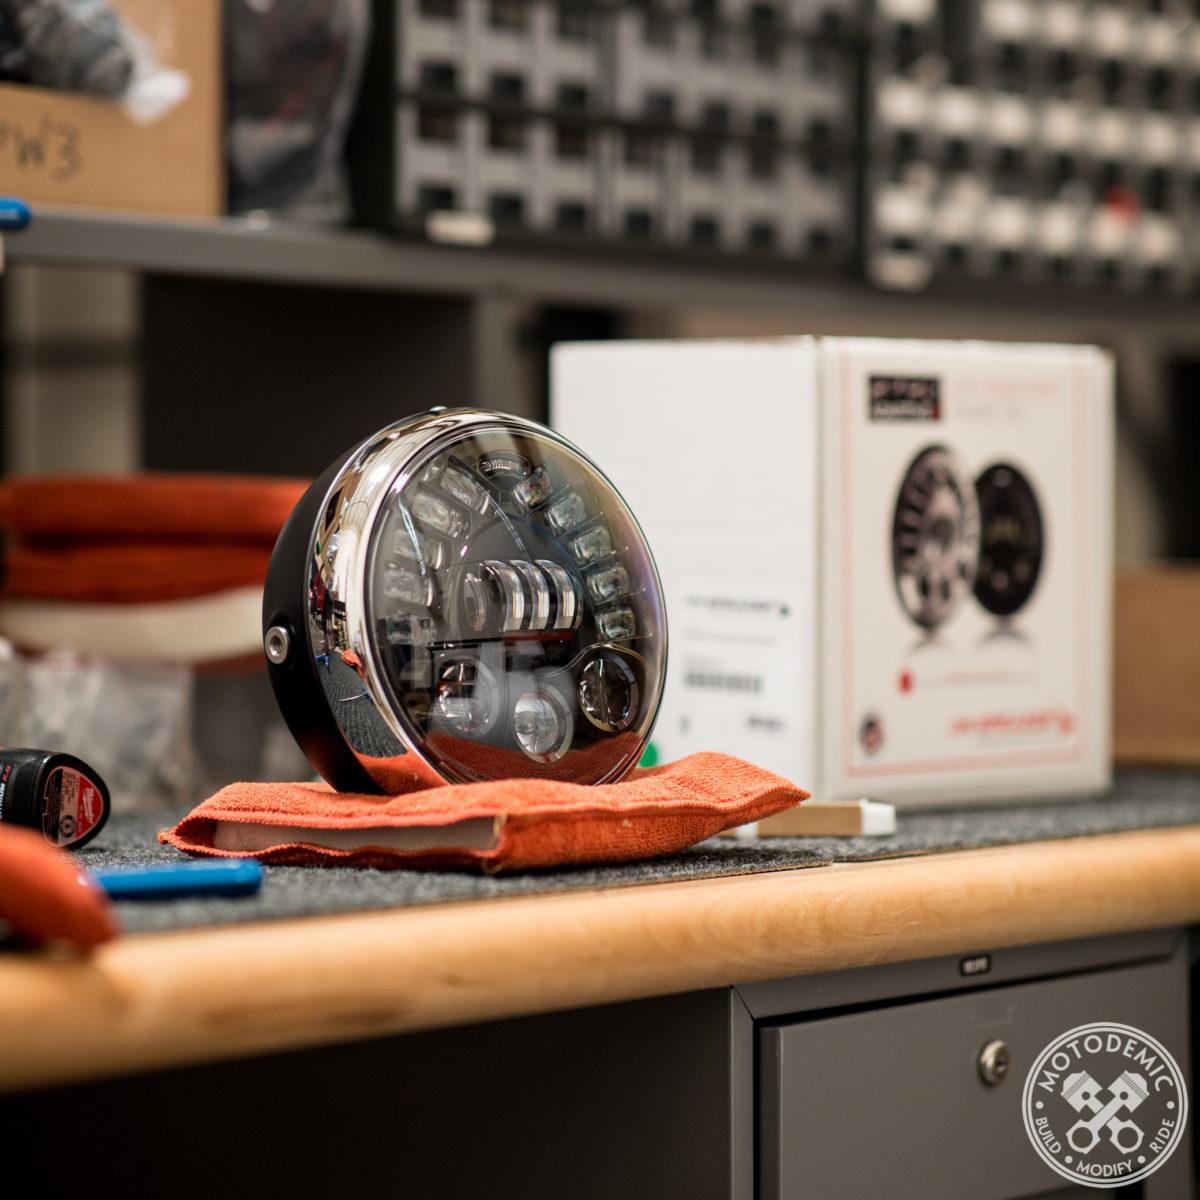 motodemic-moto-guzzi-led-upgrade